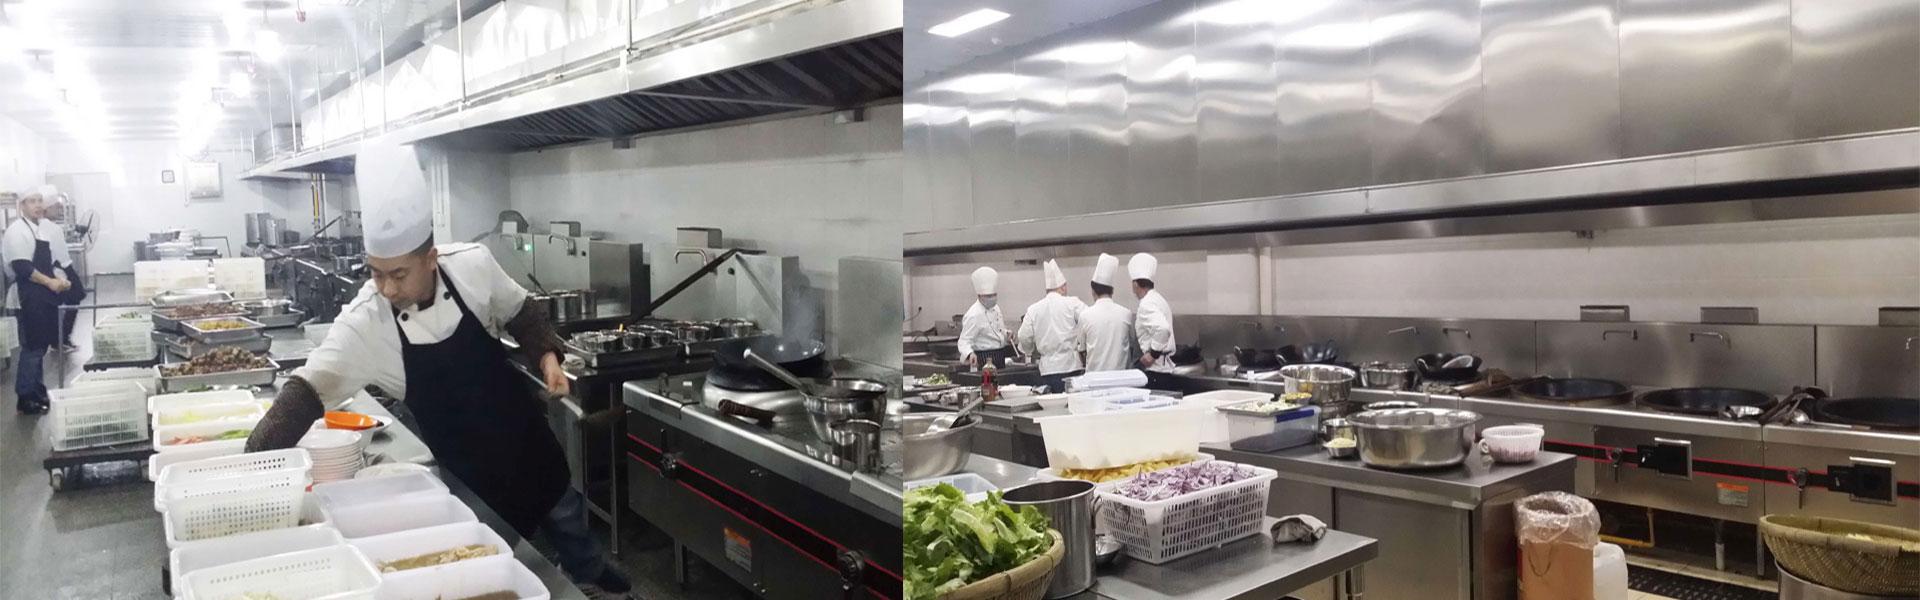 西安yabo官方网站,西安yabo官方网站安装,西安厨具设备